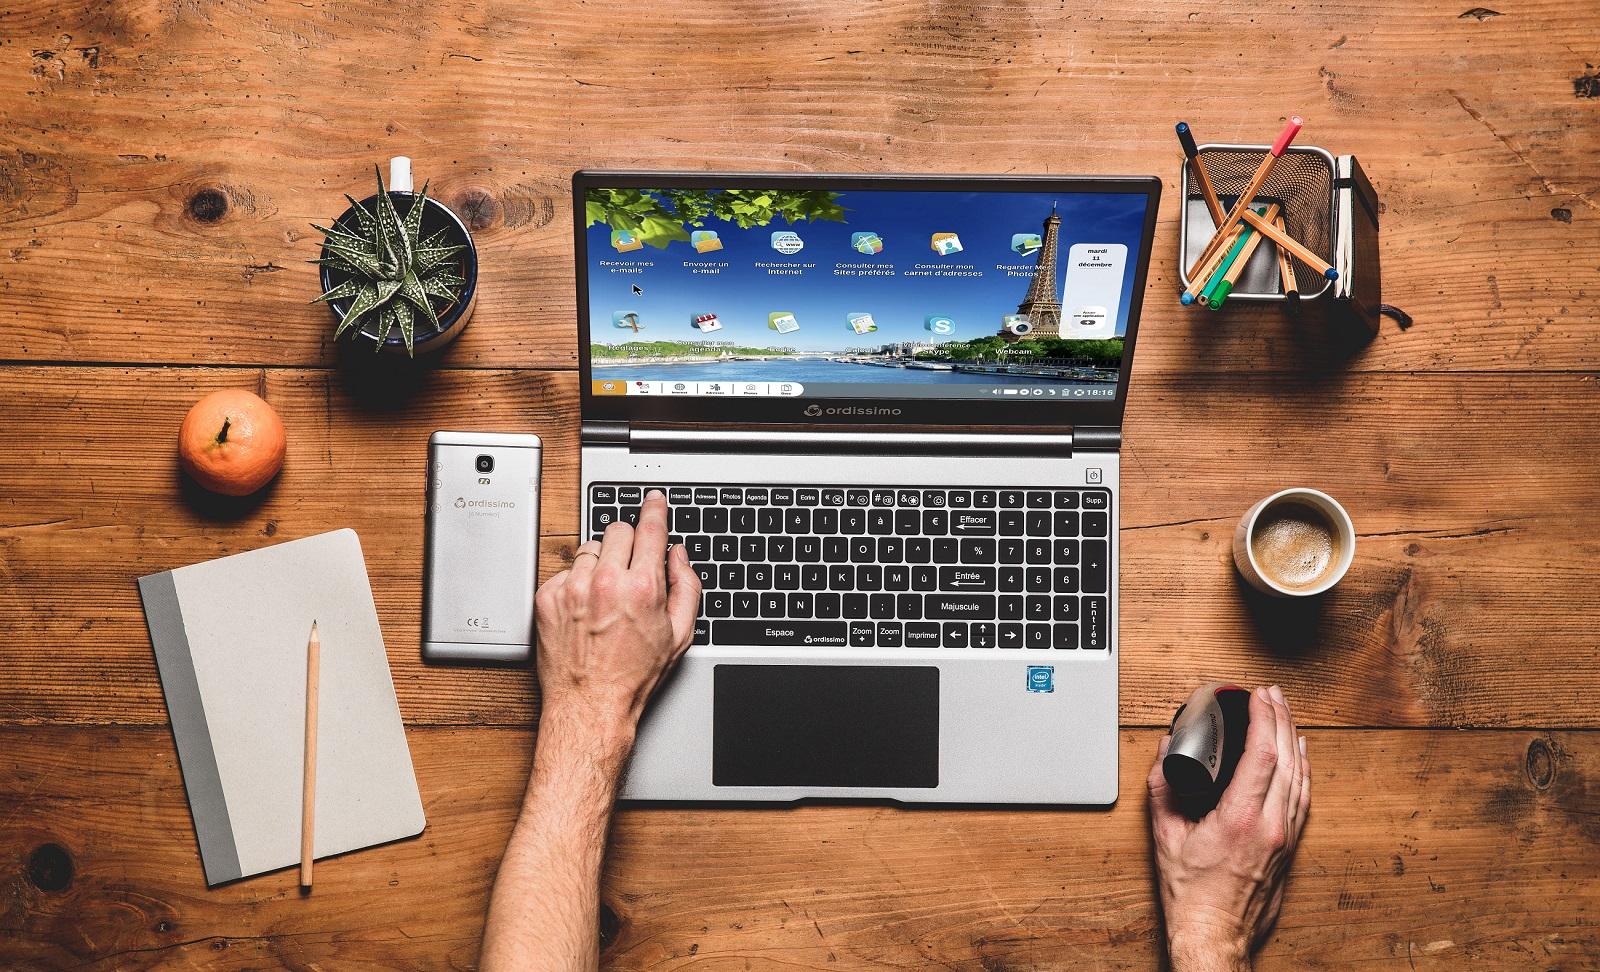 TRD Digital präsentiert: Ein Laptop, das alle bedienen können